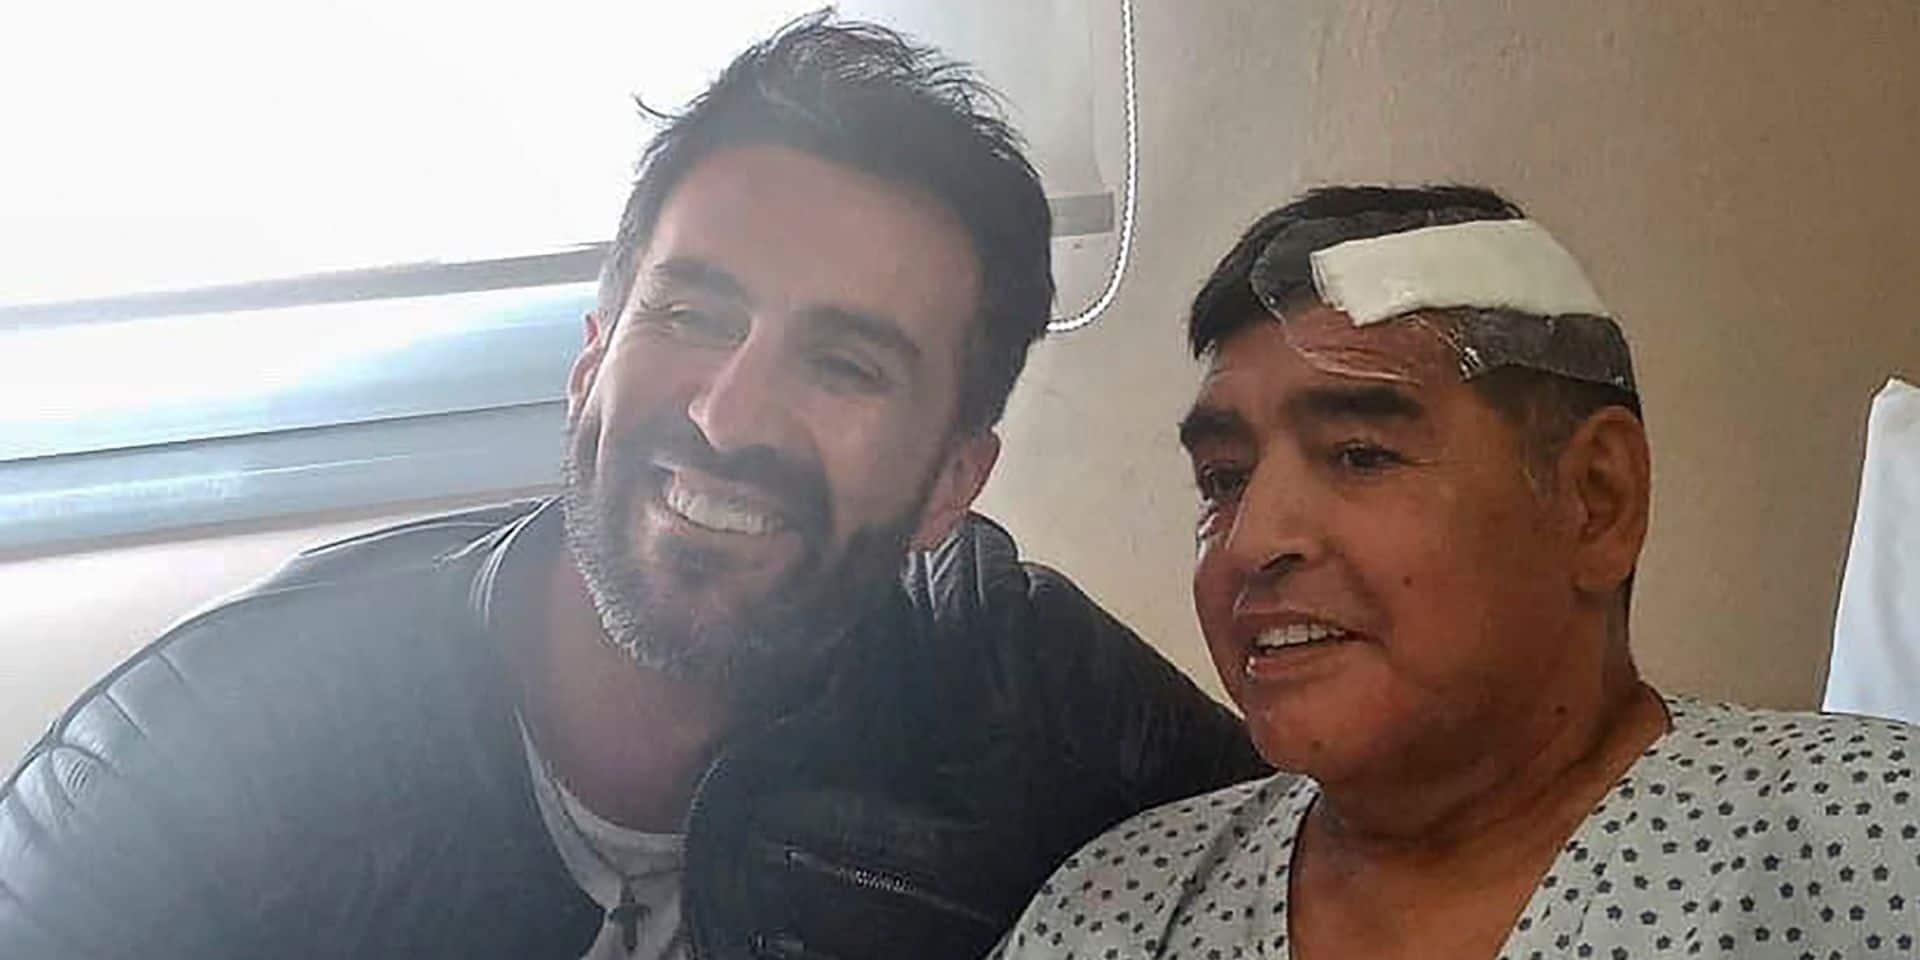 Le médecin de Maradona fait l'objet d'une enquête pour homicide involontaire